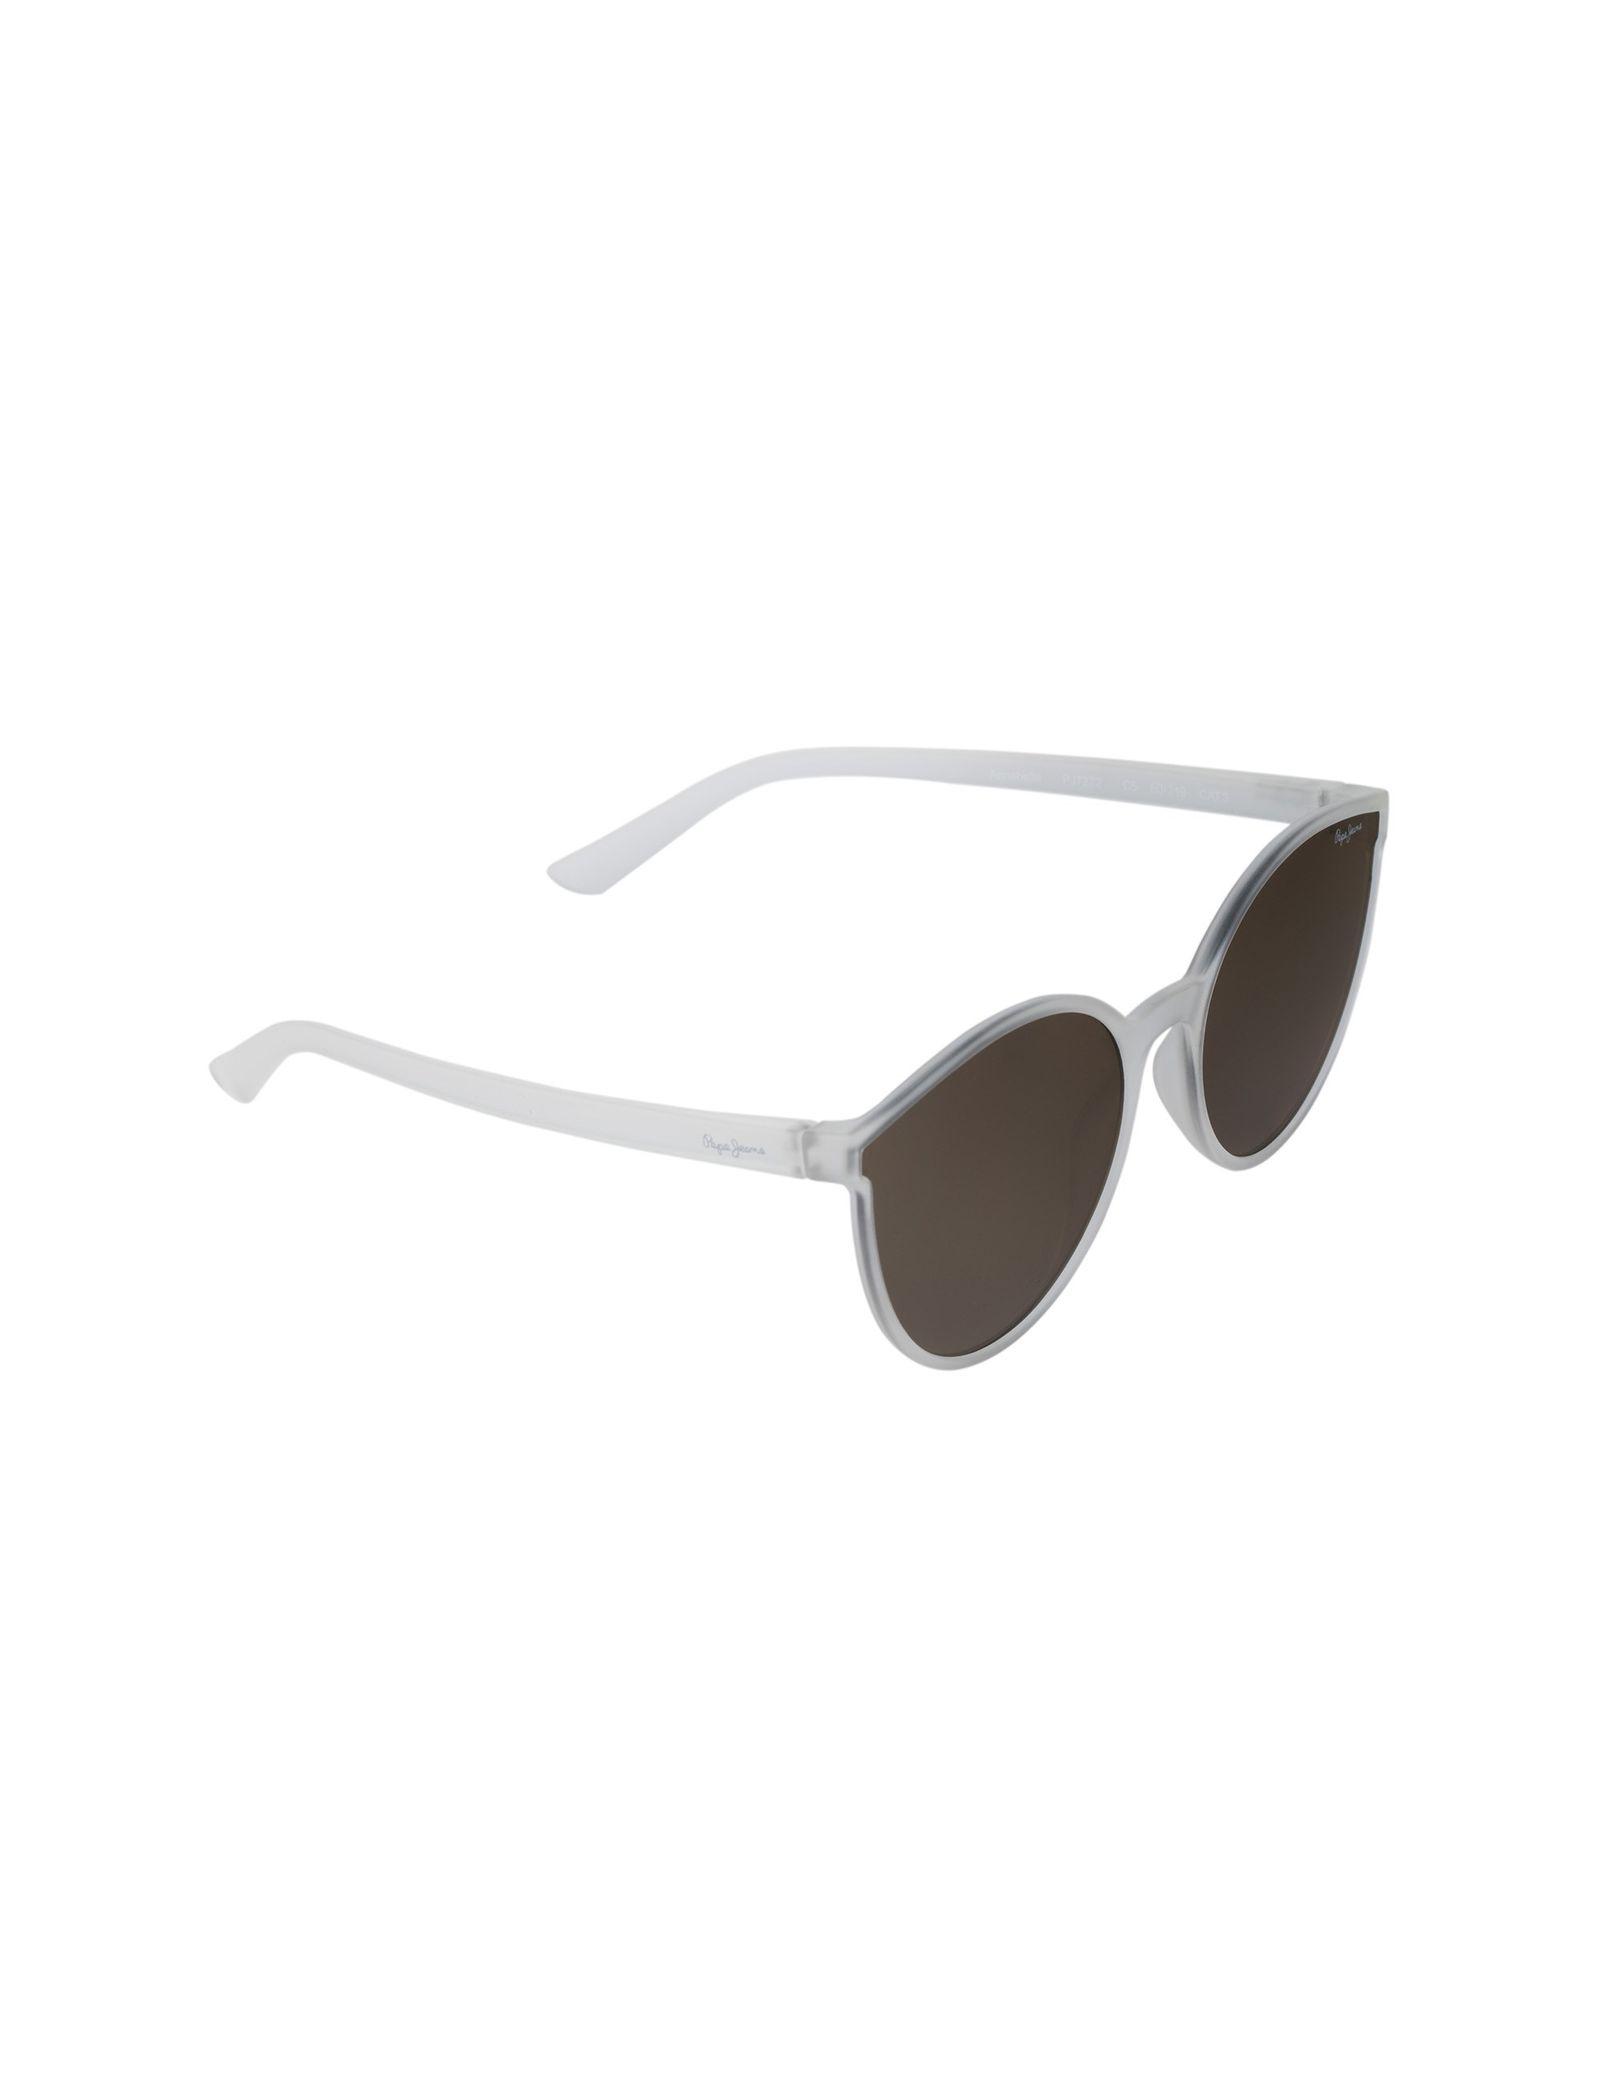 عینک آفتابی گربه ای زنانه - پپه جینز - بي رنگ - 2